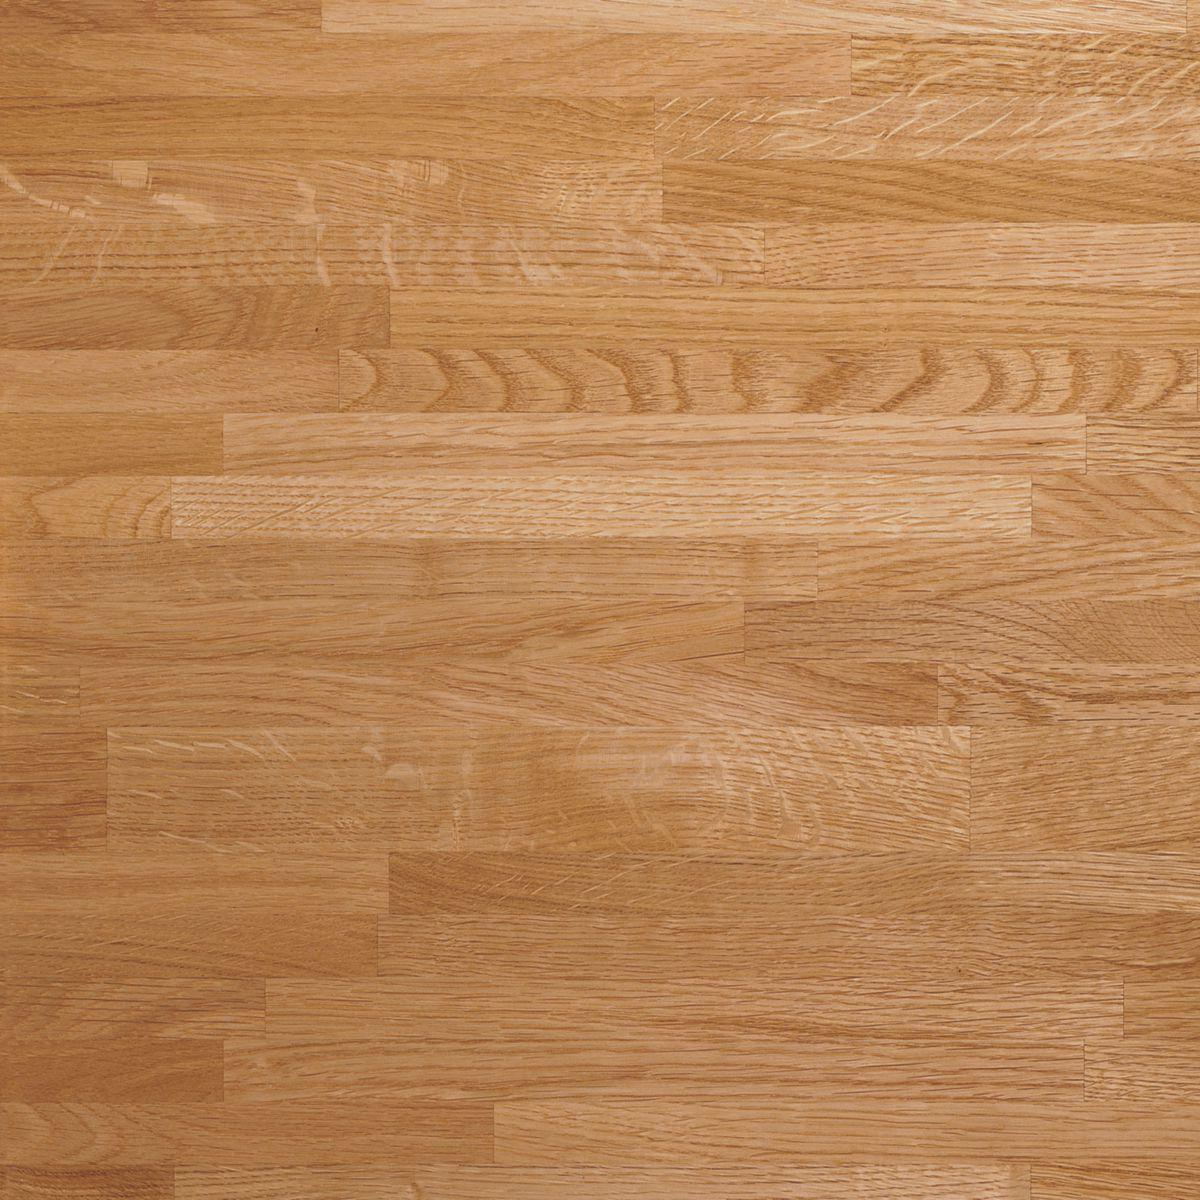 panneau bois bambou fabulous bambou chemin impressions sur toile art moderne mur dcor panneau. Black Bedroom Furniture Sets. Home Design Ideas